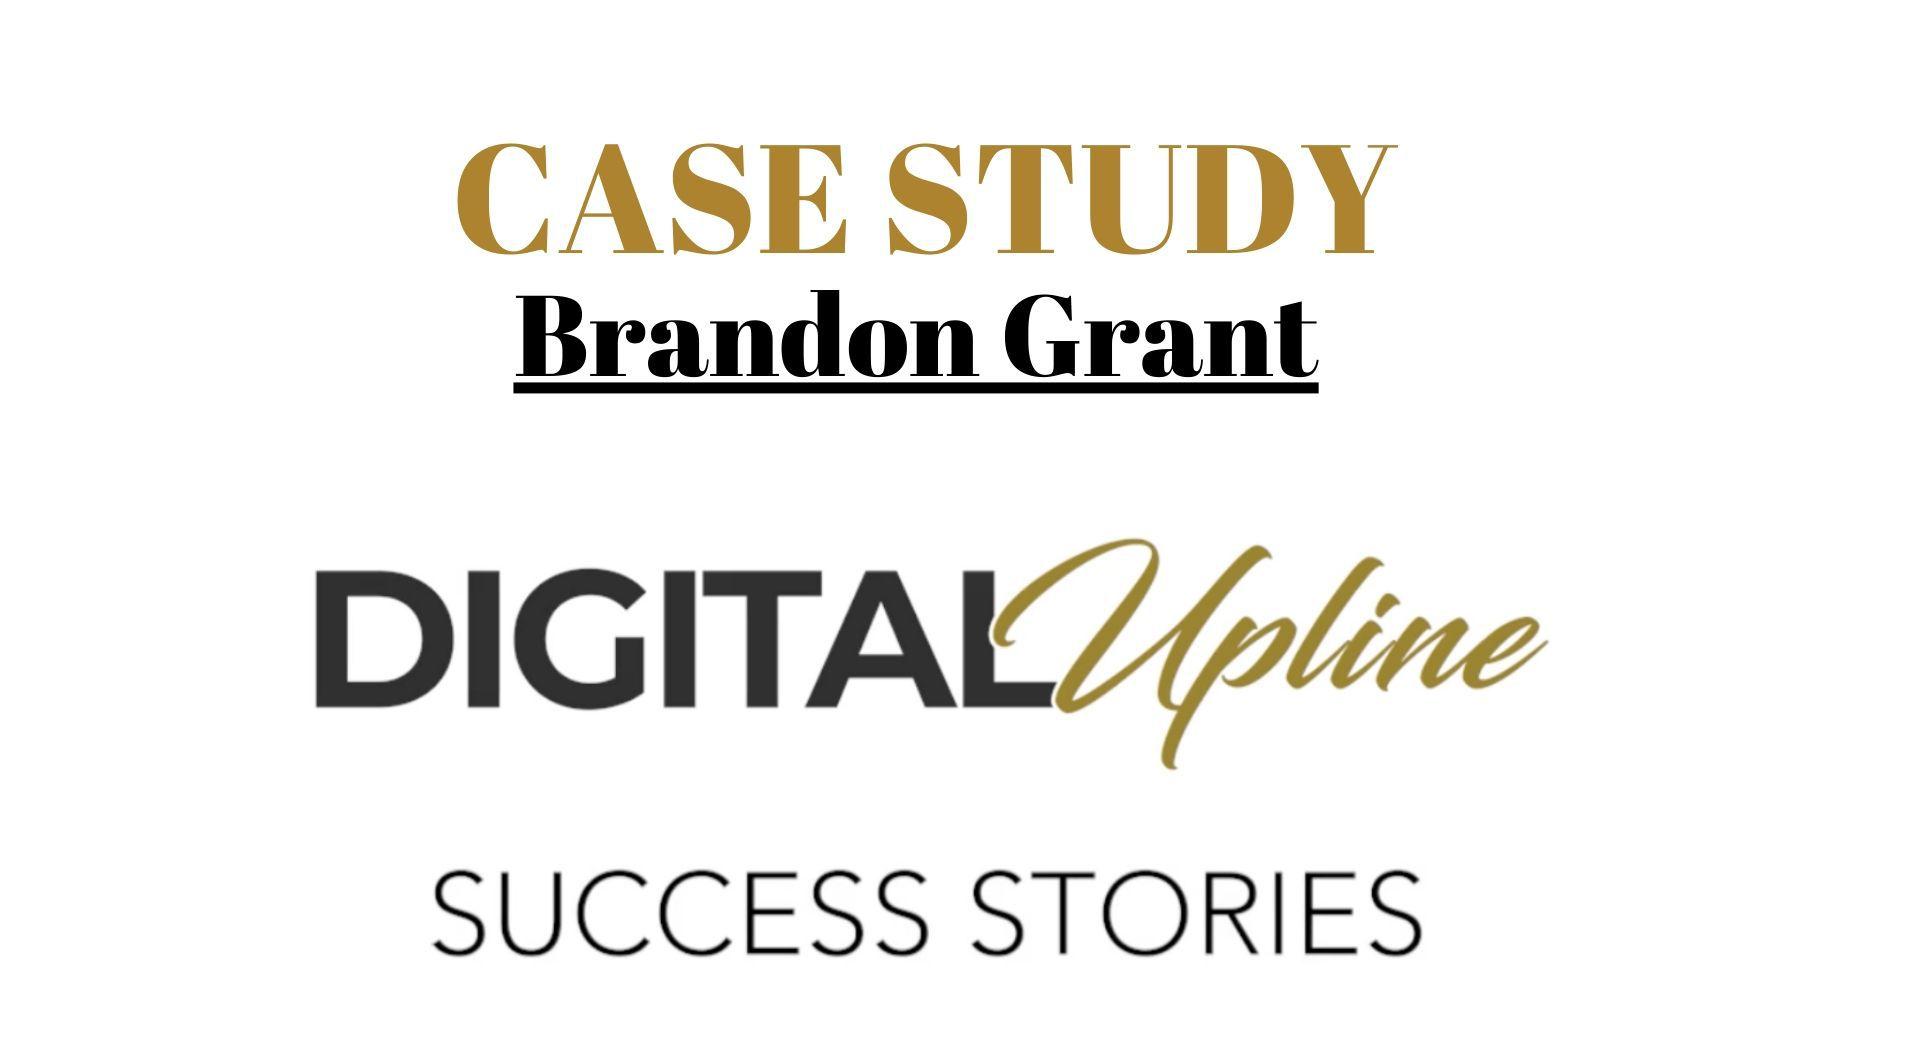 CASE STUDY BRANDON GRANT